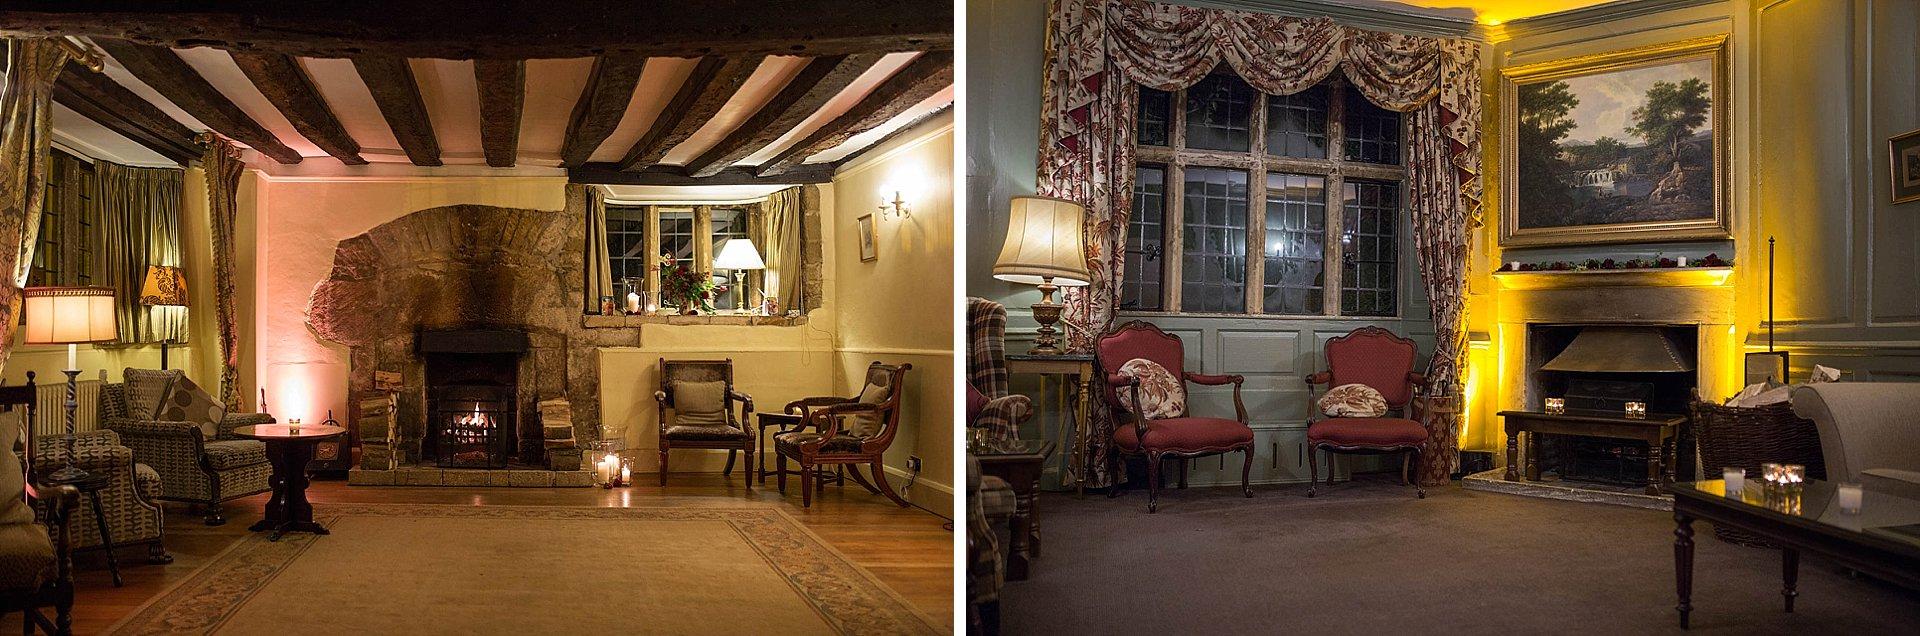 Charingworth Manor